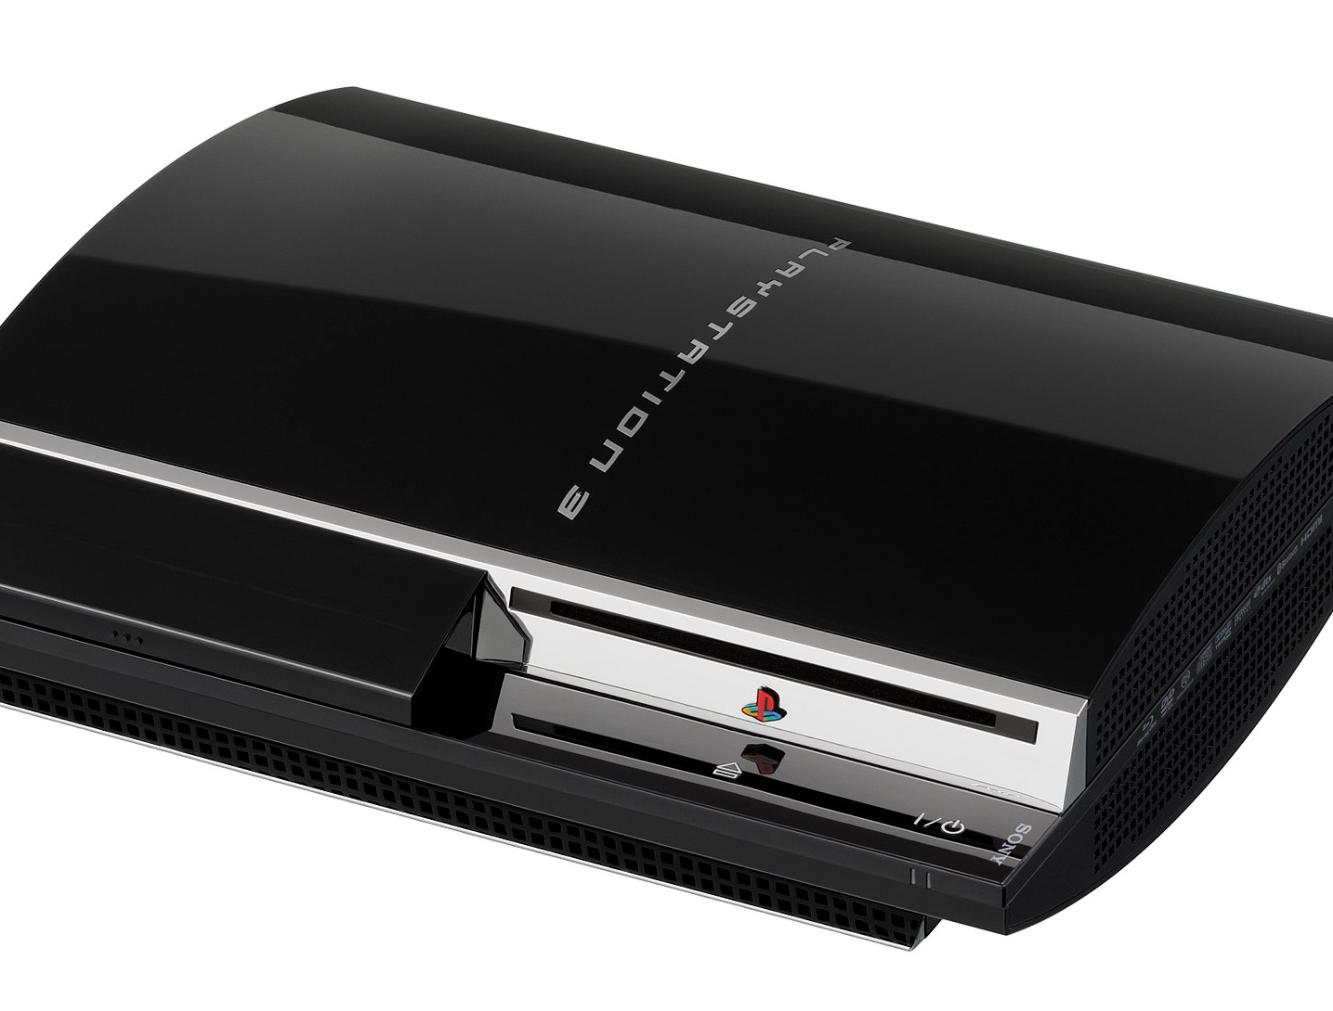 Best PS3 & PS4 Emulators for PC/Mac